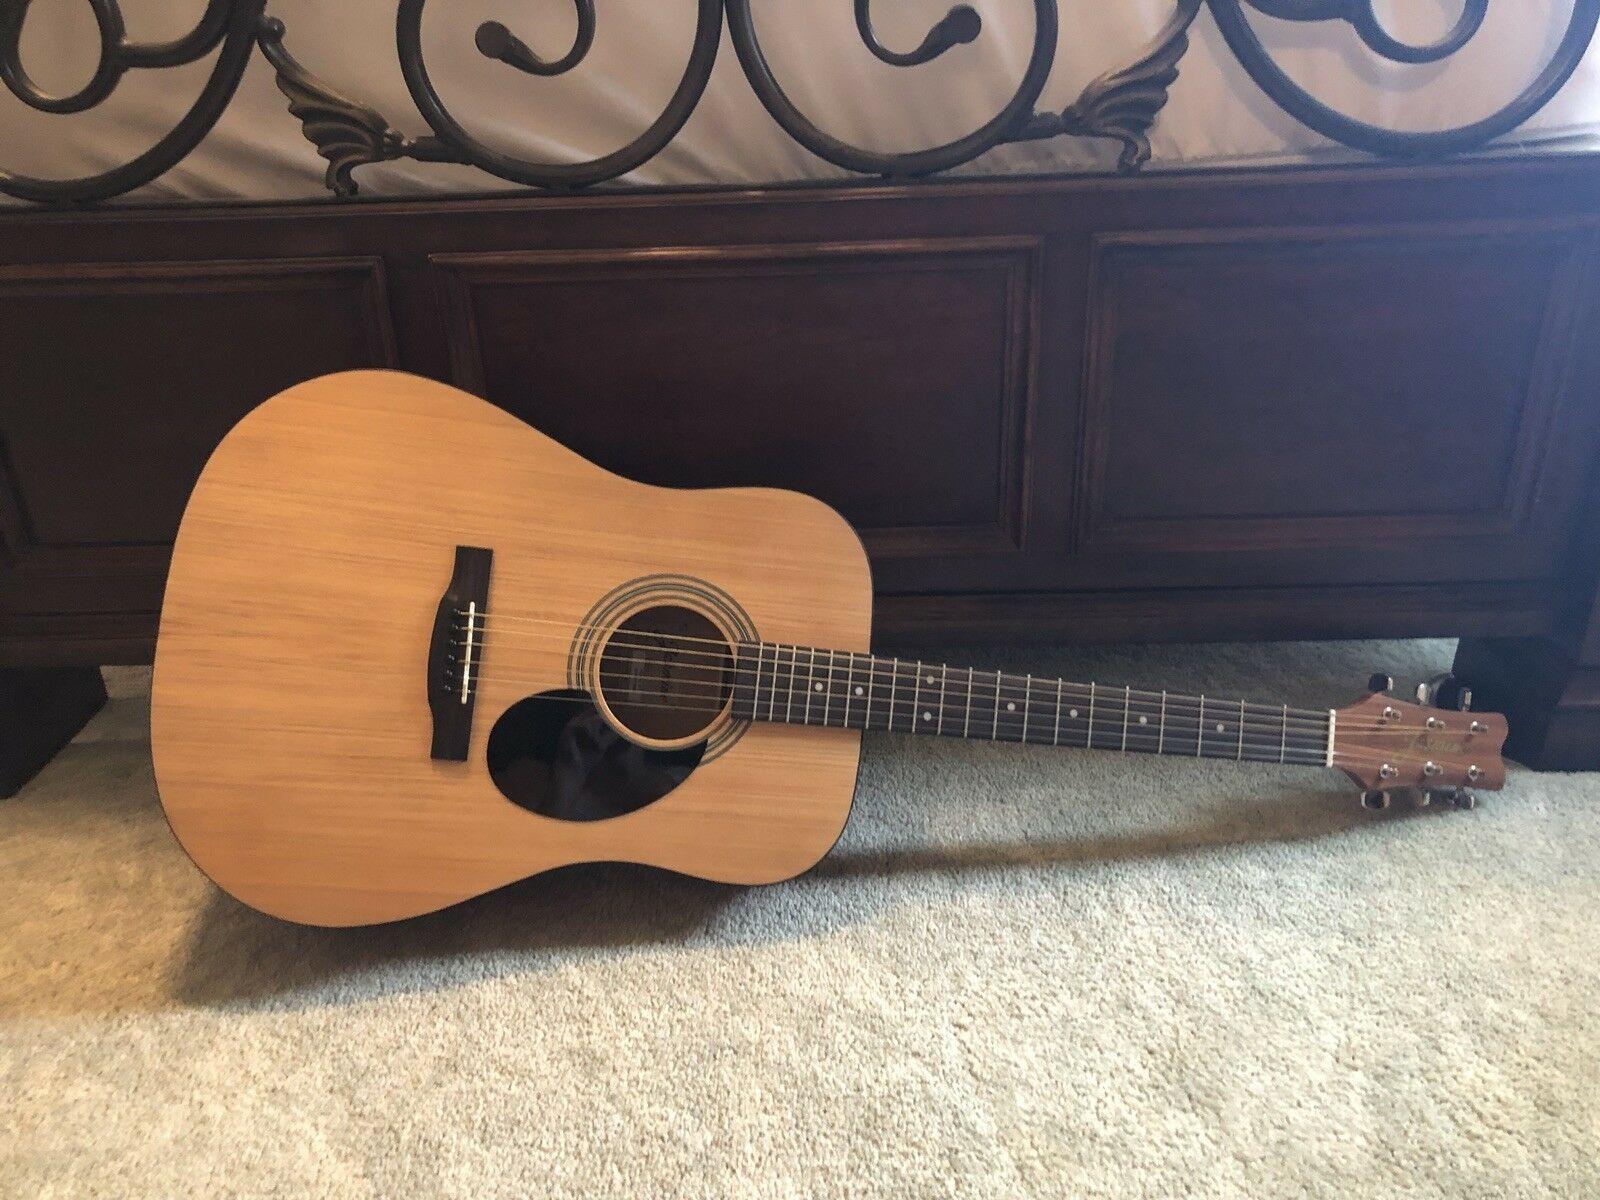 Details About Jasmine Dreadnought S35 Acoustic Guitar Guitar Acoustic Guitar Case Acoustic